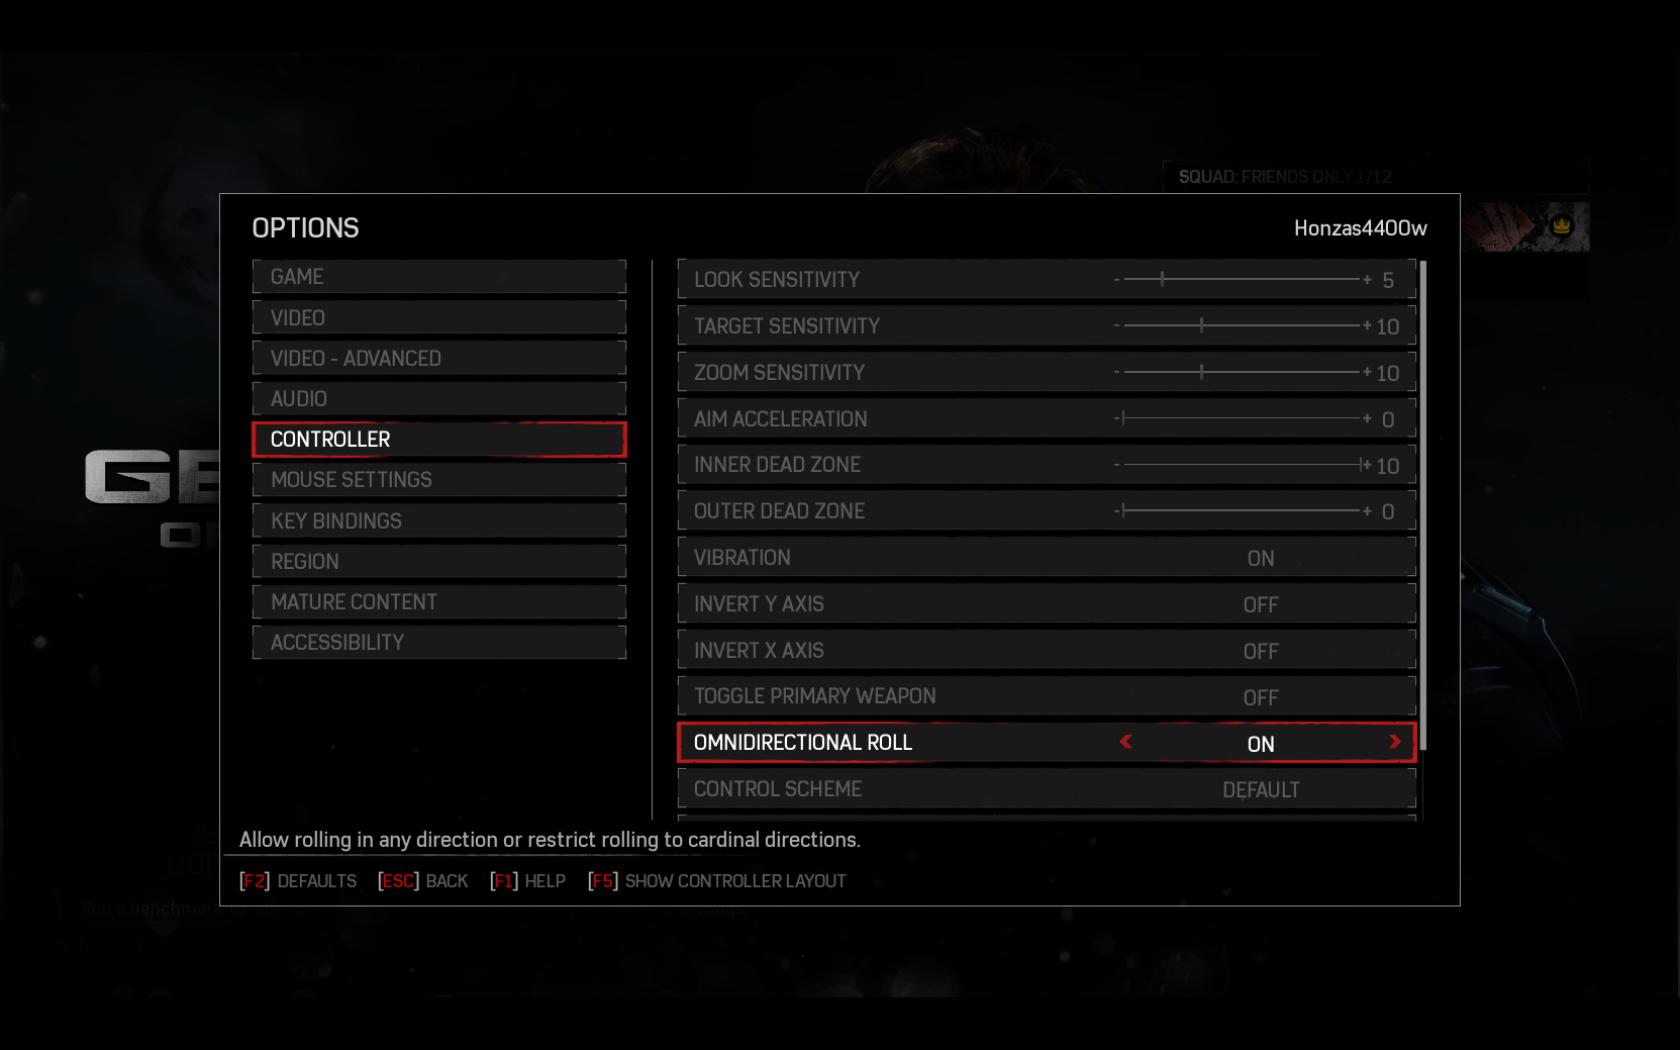 PC verze Gears of War 4 si zaslouží velkou pochvalu 131664